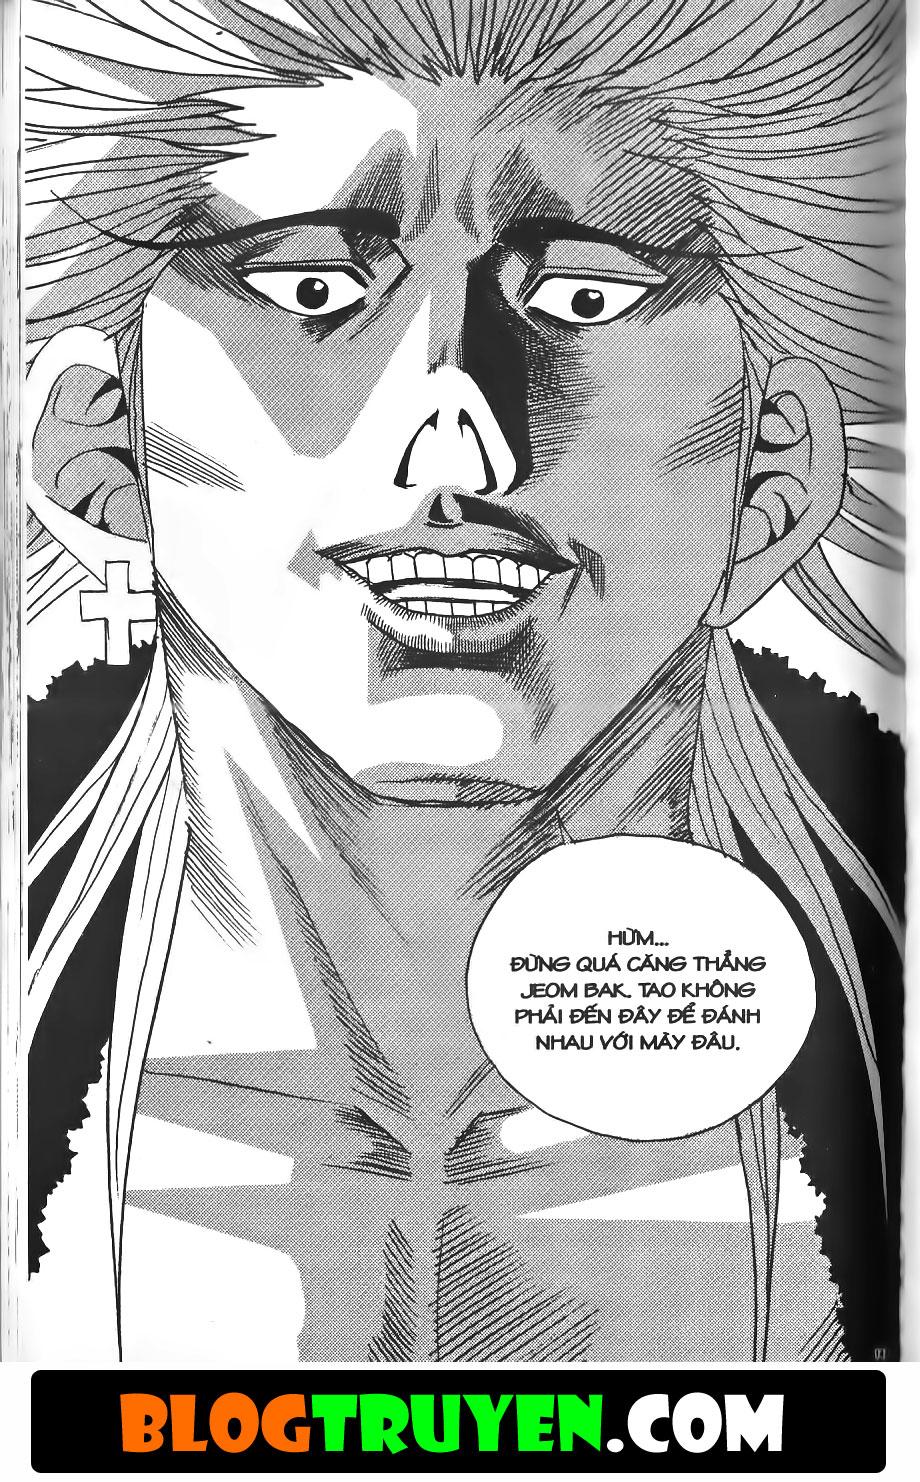 Bitagi - Anh chàng ngổ ngáo chap 182 trang 17